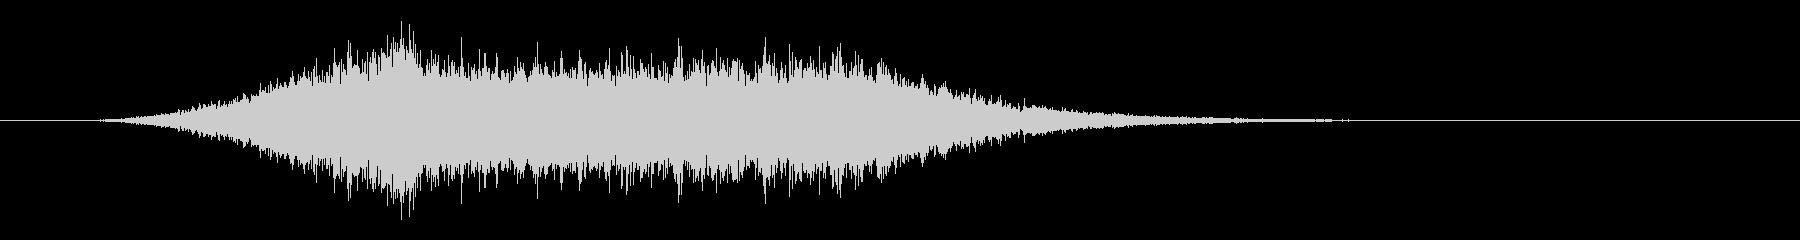 シュルルル 飛ぶ ビーム シューティングの未再生の波形